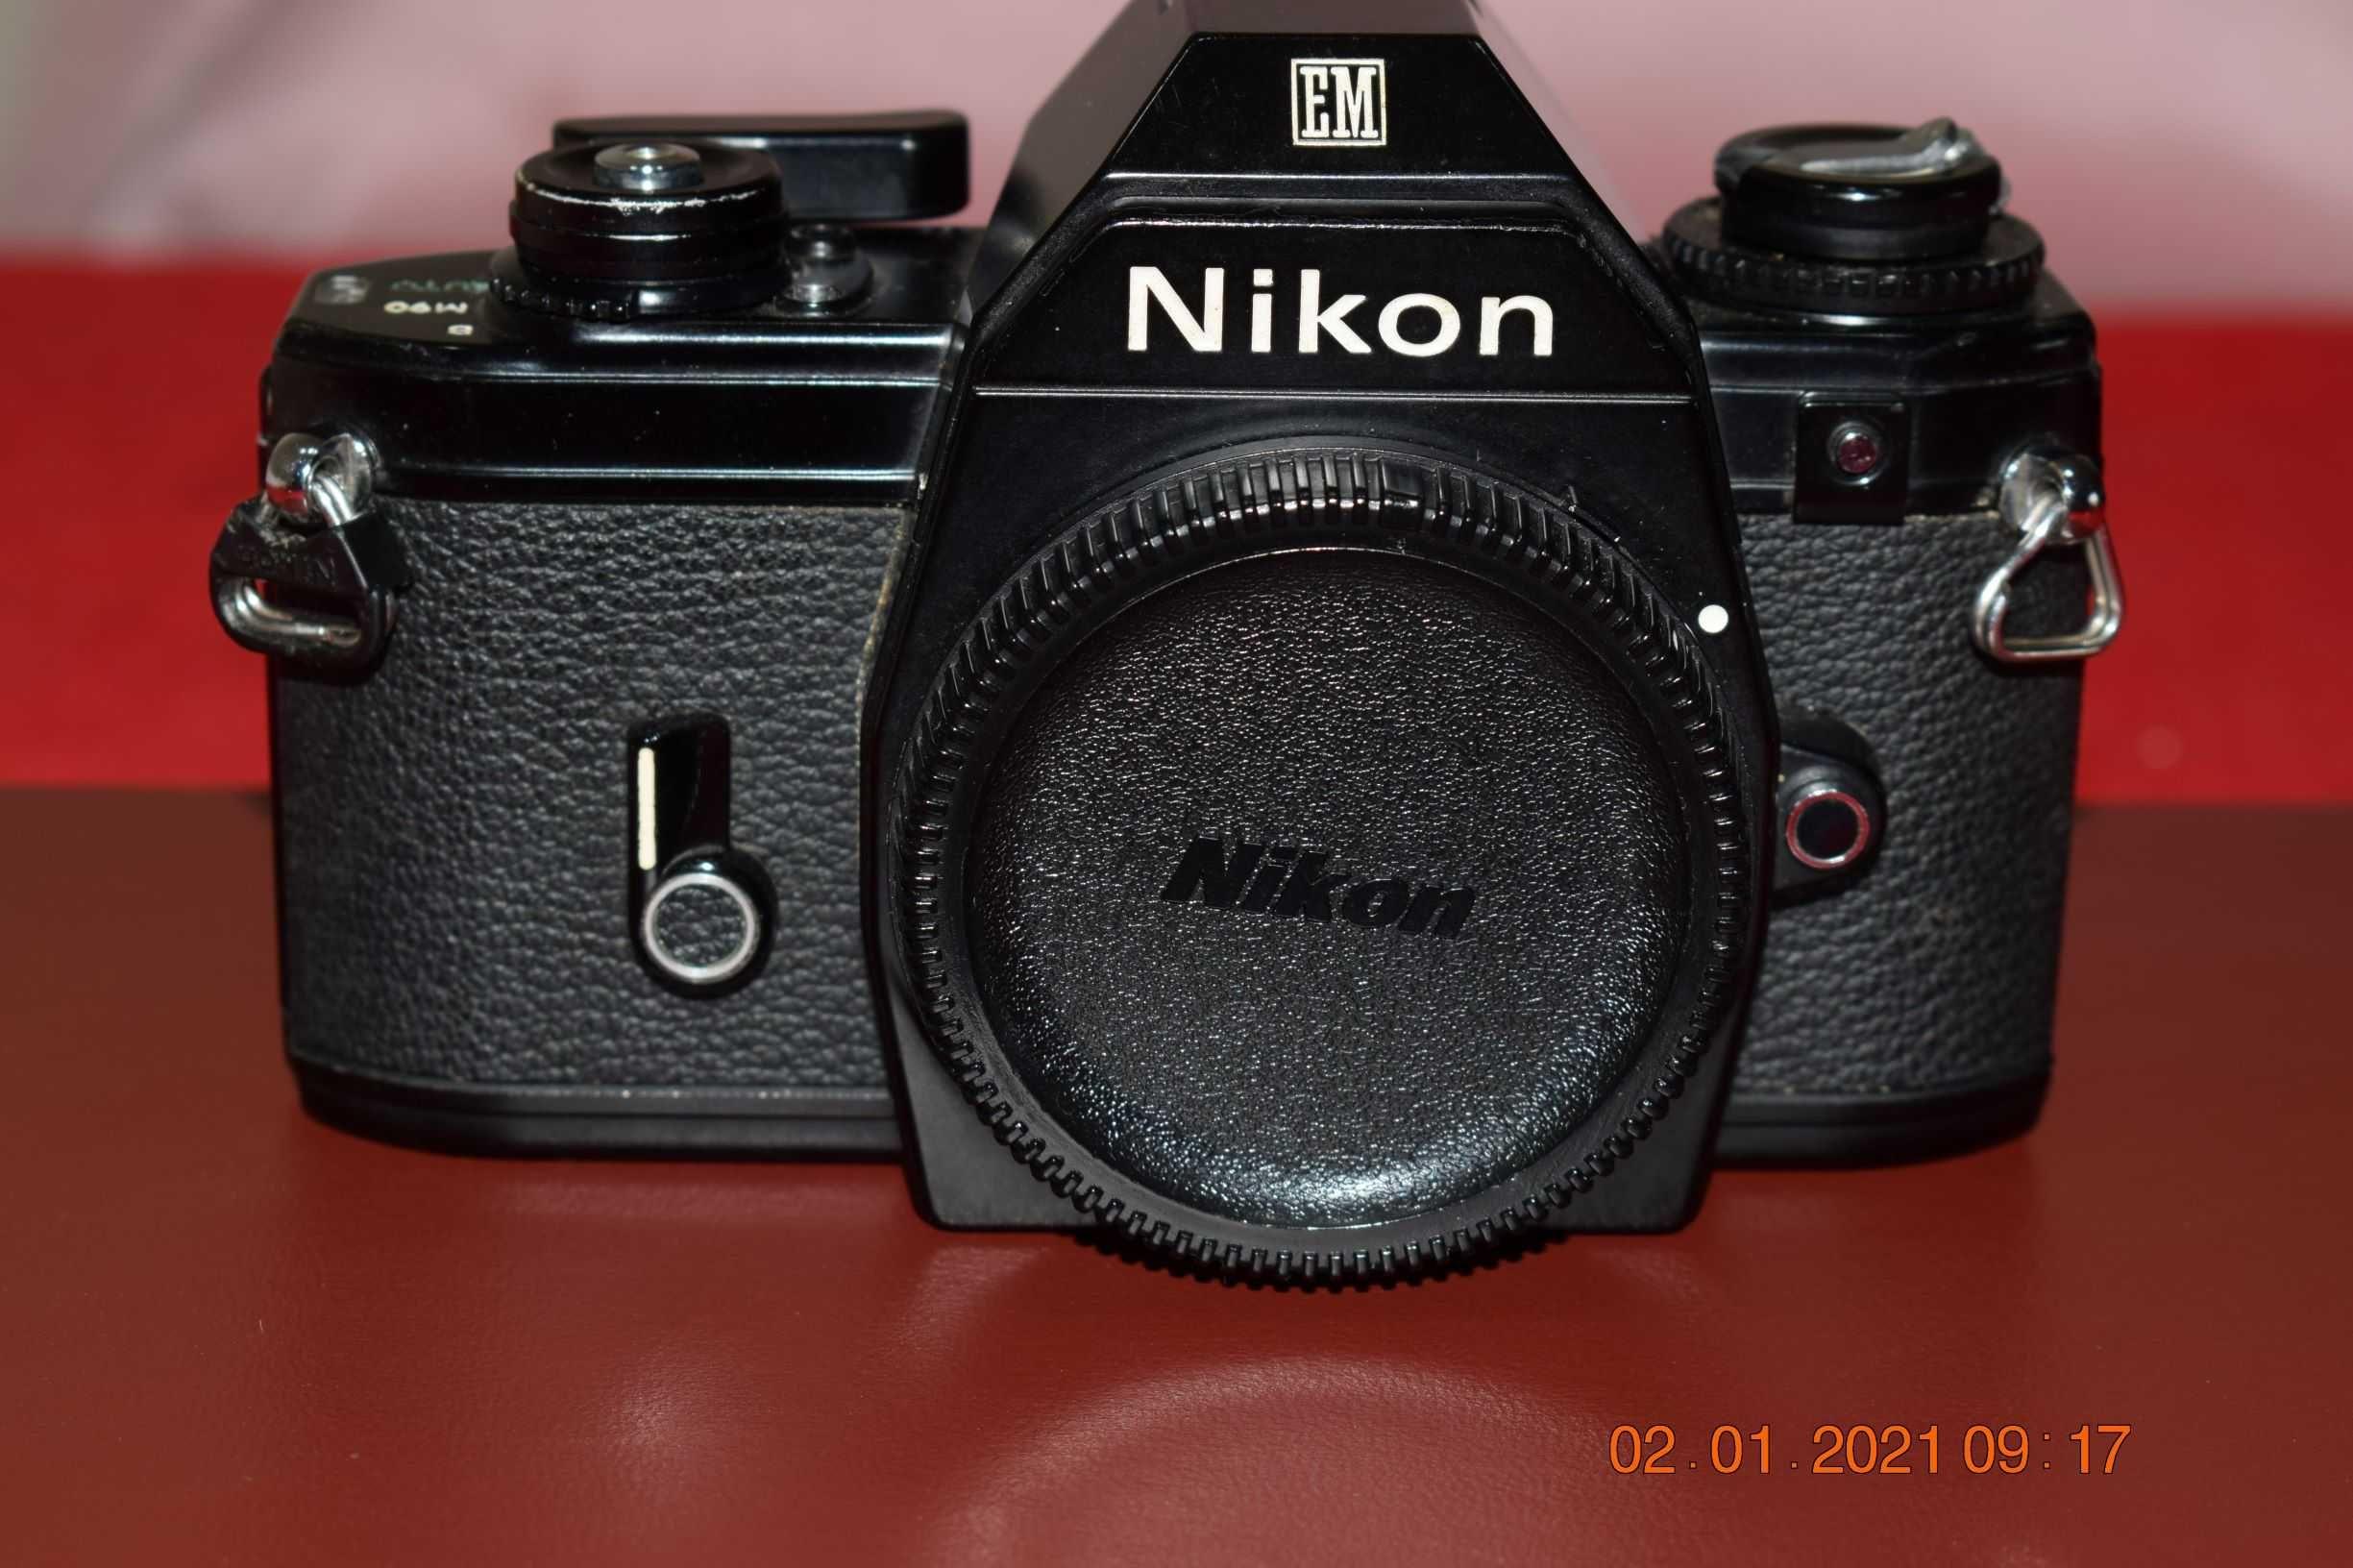 Nikon - Maquina Analógica EM